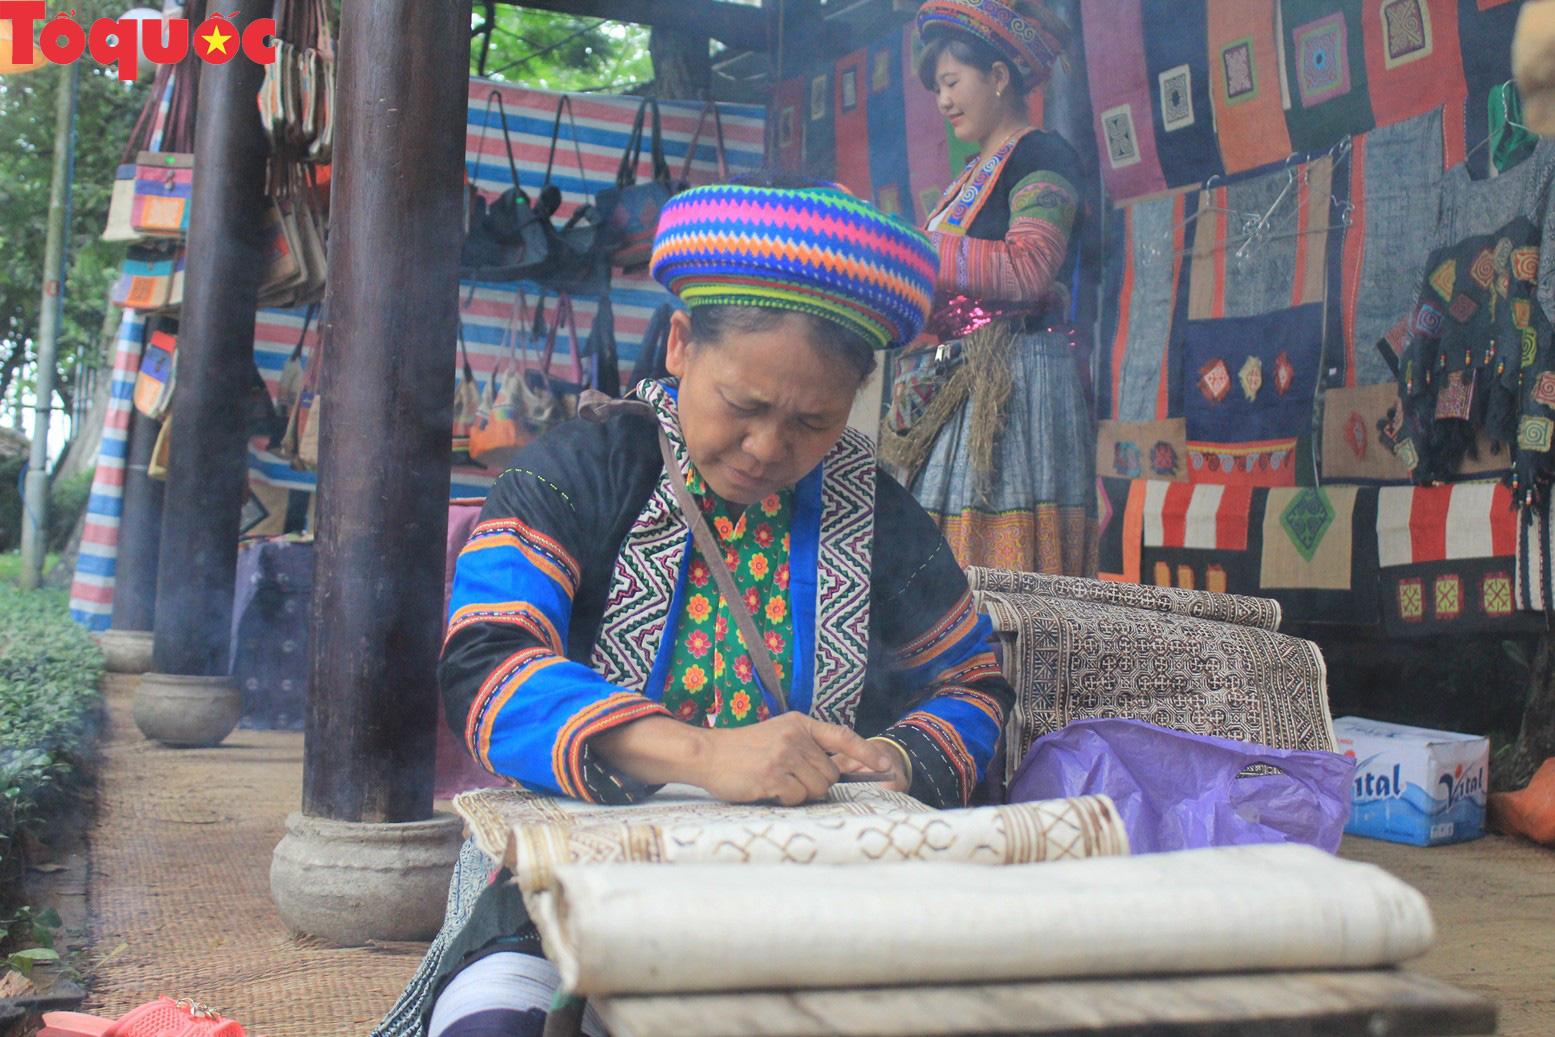 Festival nghề truyền thống Huế ngày càng thu hút các thành phố trên thế giới - Ảnh 1.